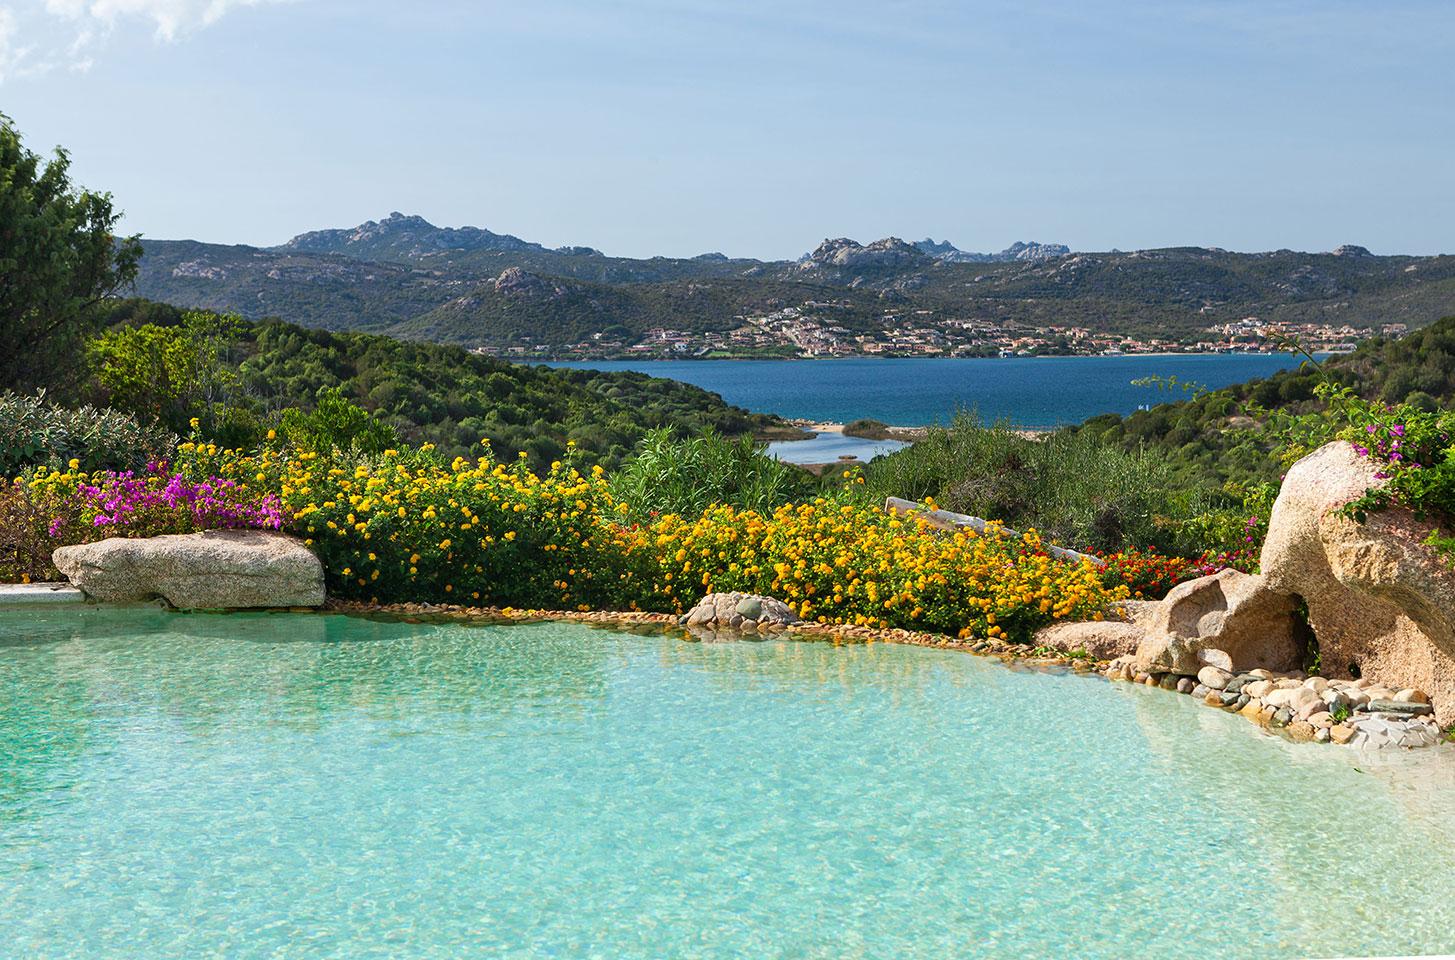 Hotel Pulicinu - Baja Sardinia - Arzachena - Sardinia, Italy ...